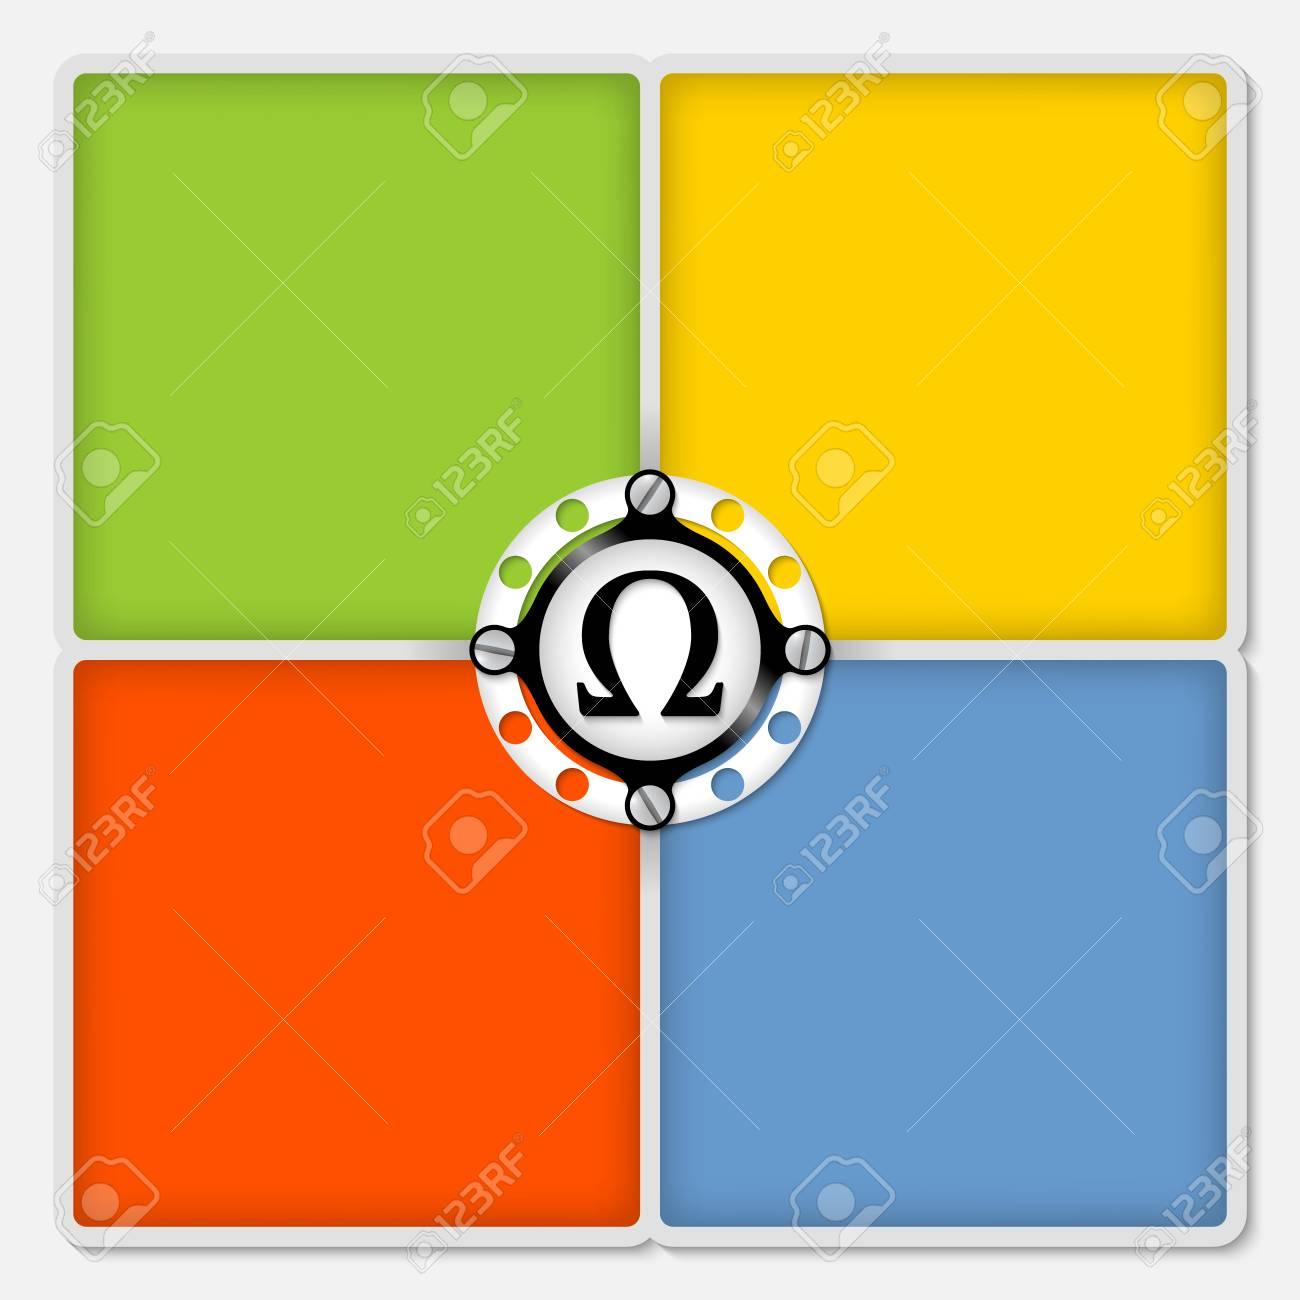 Cuatro Cuadros De Color Para El Texto En Blanco Y Símbolo Omega ...